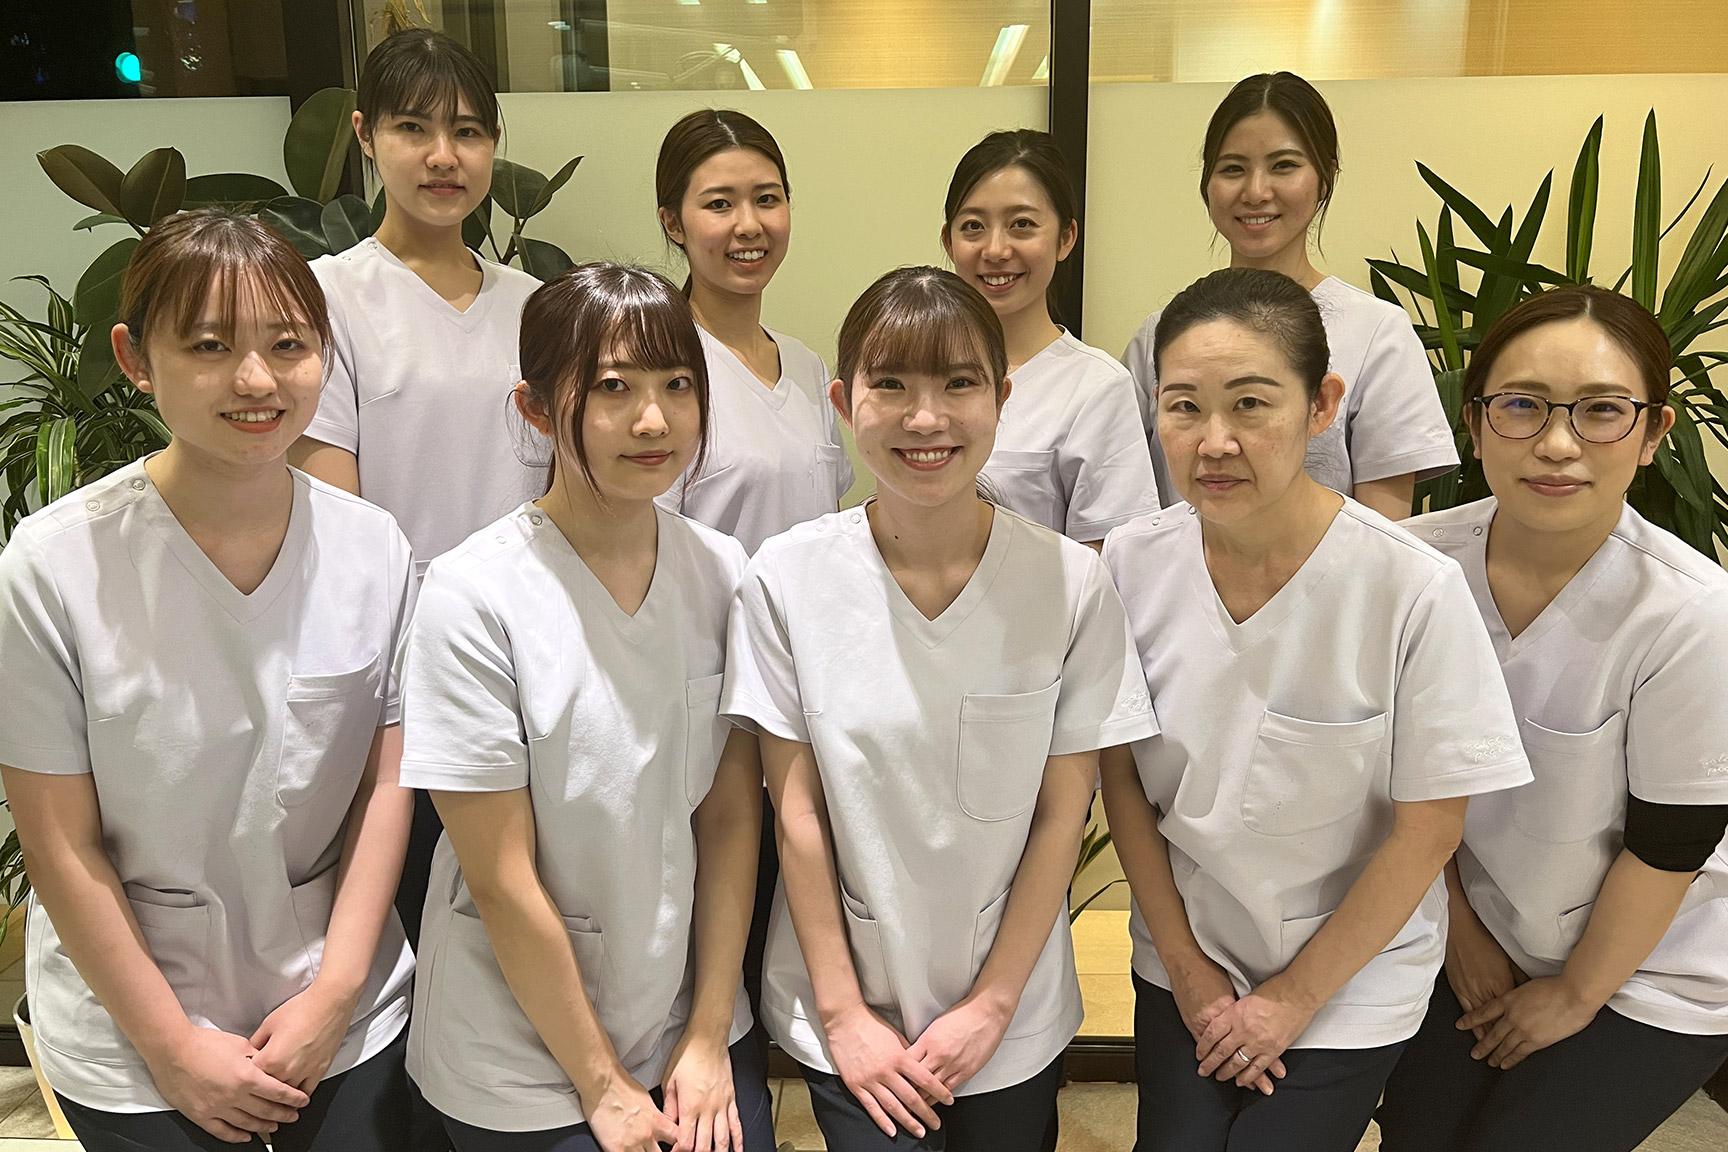 中嶋歯科医院ってこんなところ! 中嶋歯科医院 歯科衛生士座談会